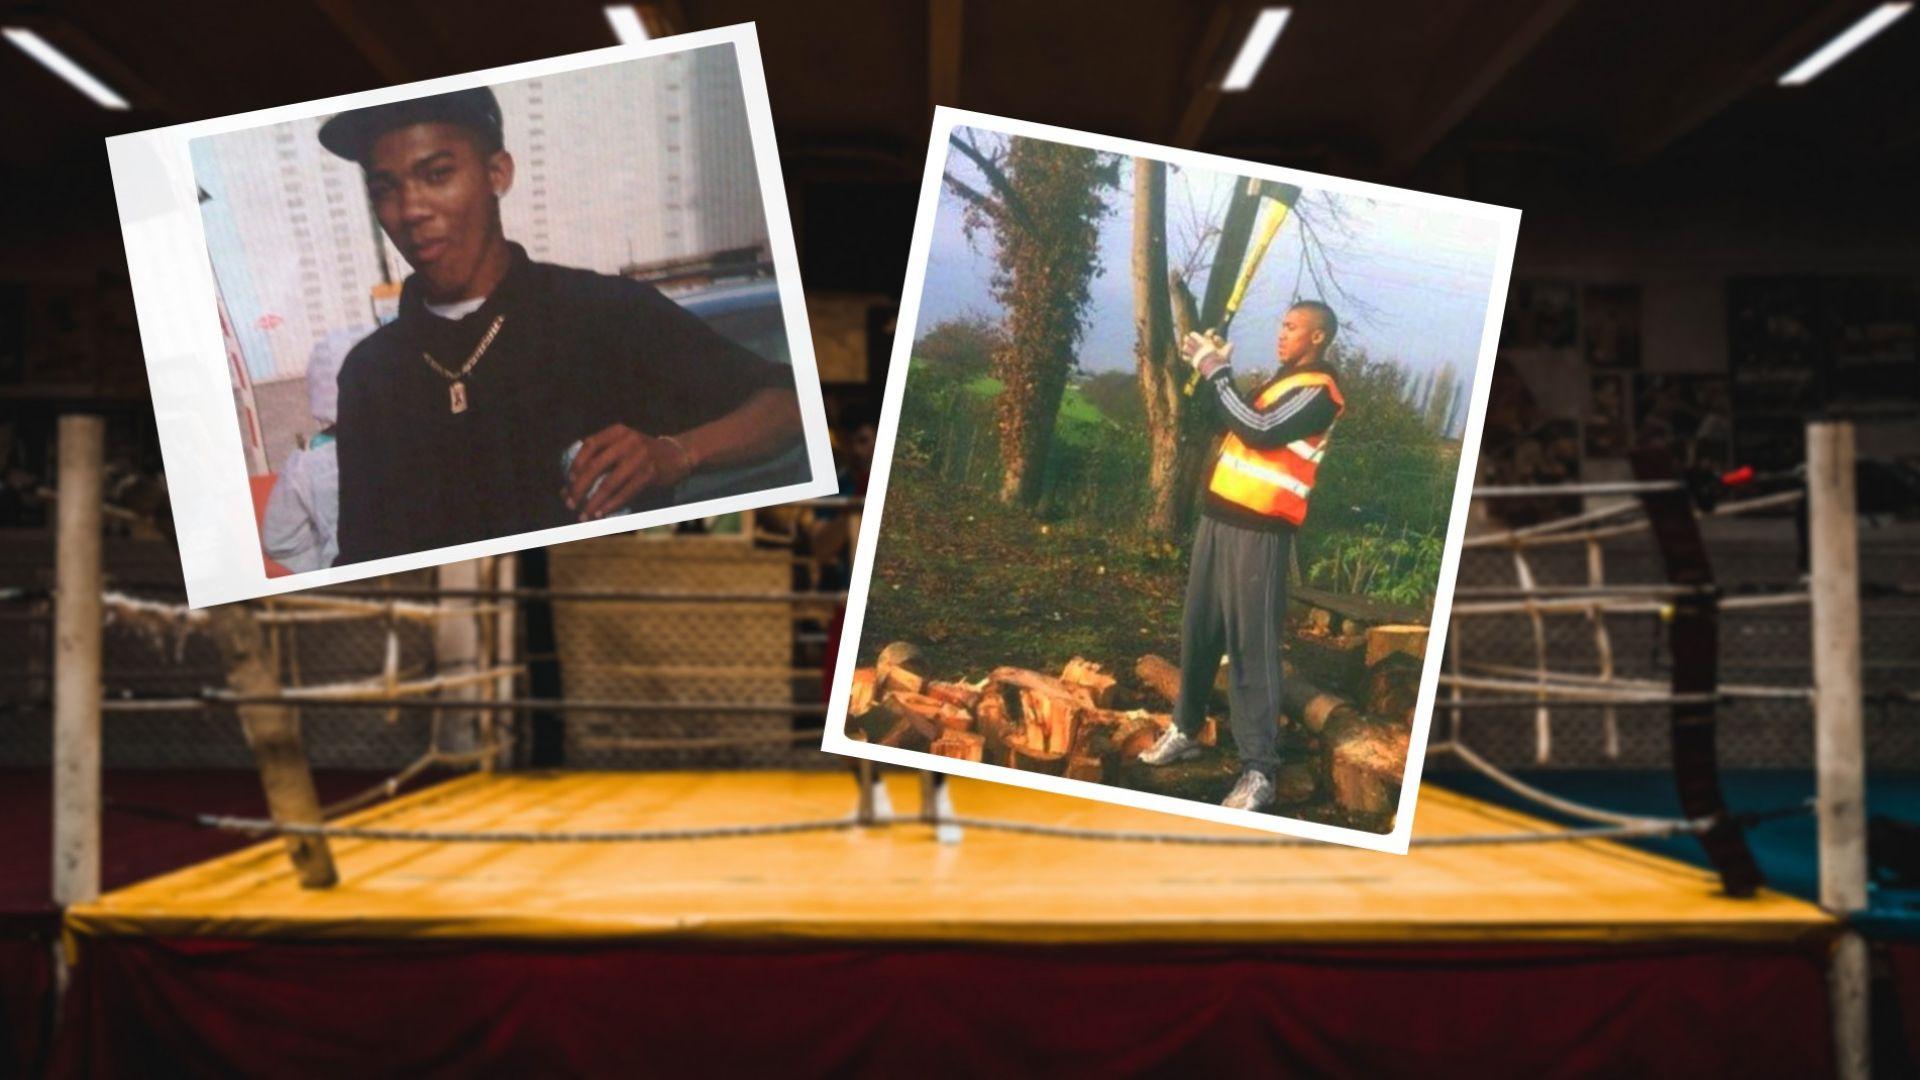 Антъни Джошуа откровено: За торбата с марихуана в колата му и миналото, с което не се гордее